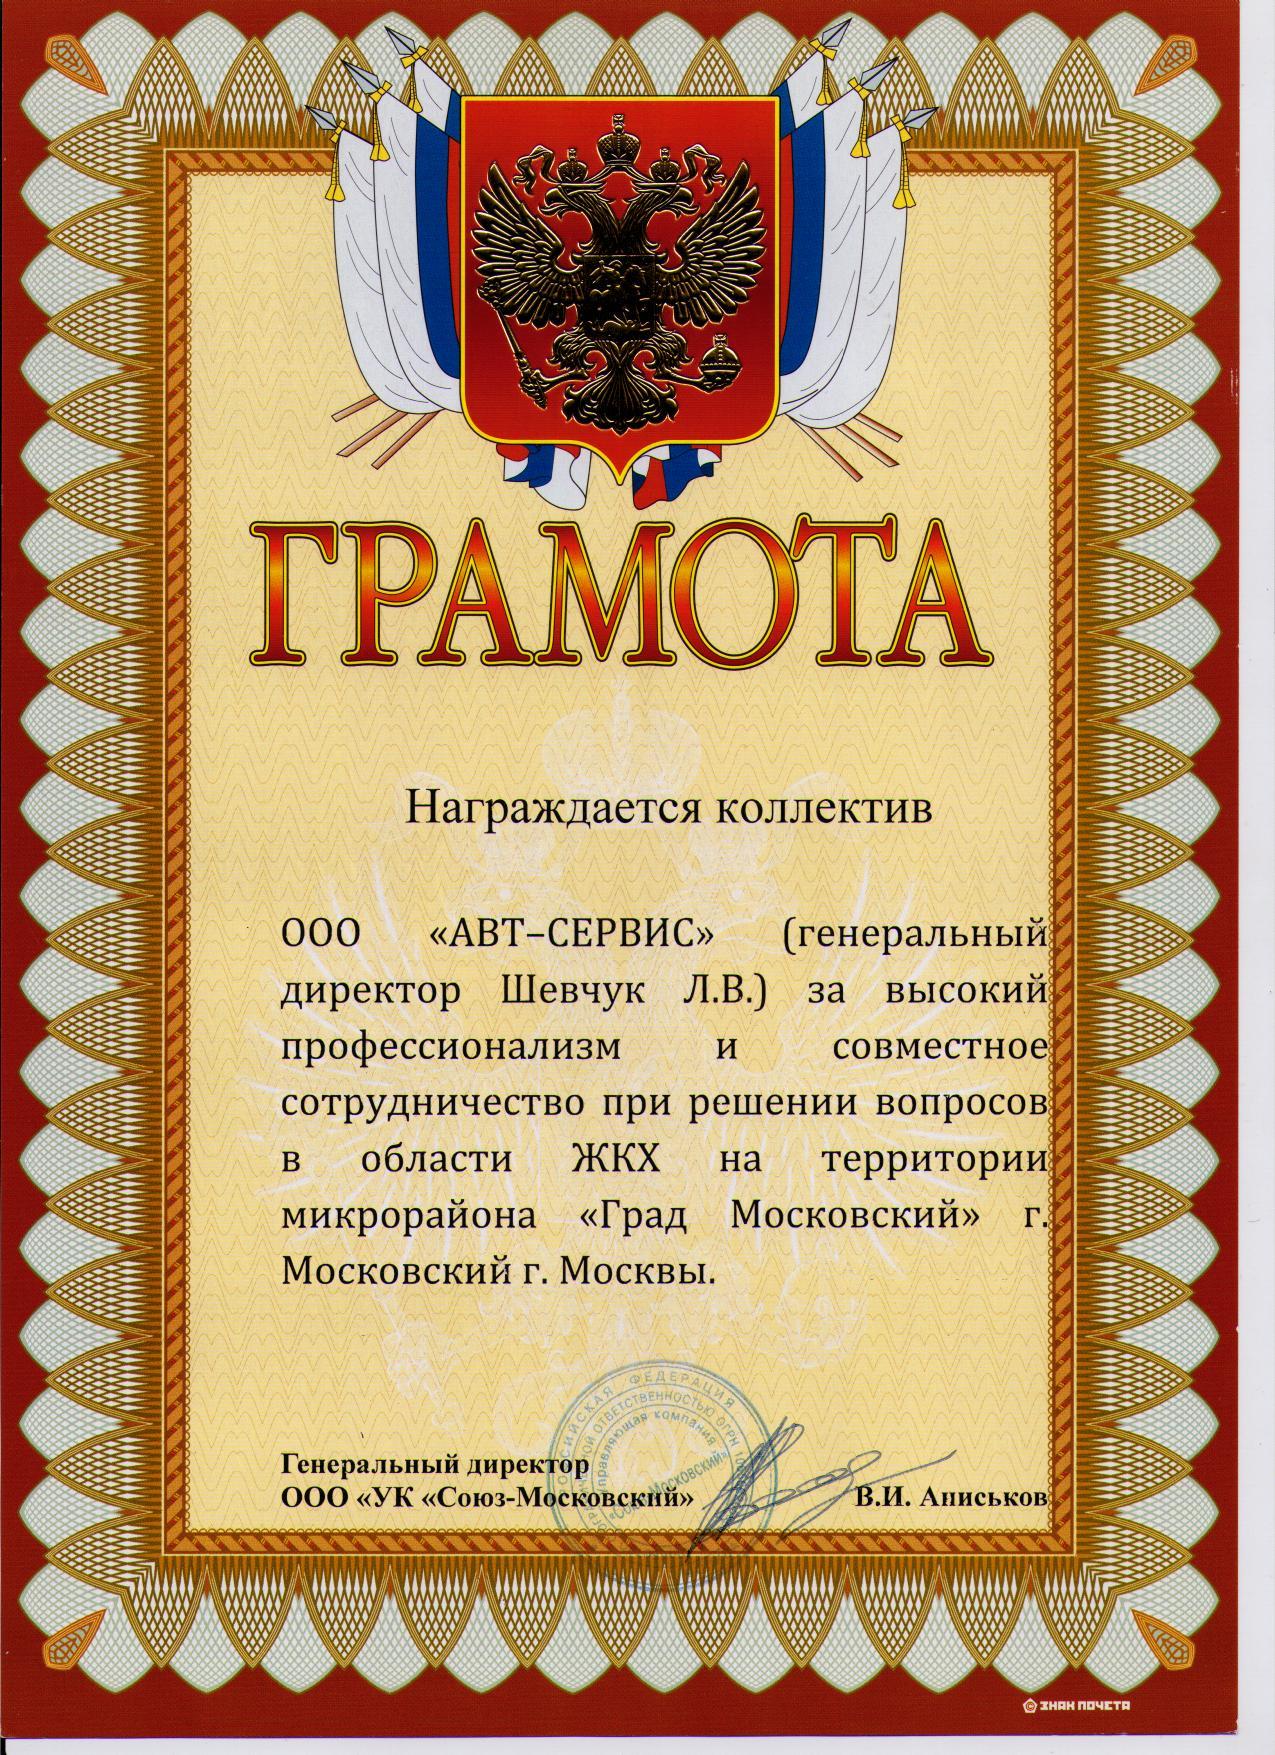 Сертификаты_поверочных_установок_002.jpg